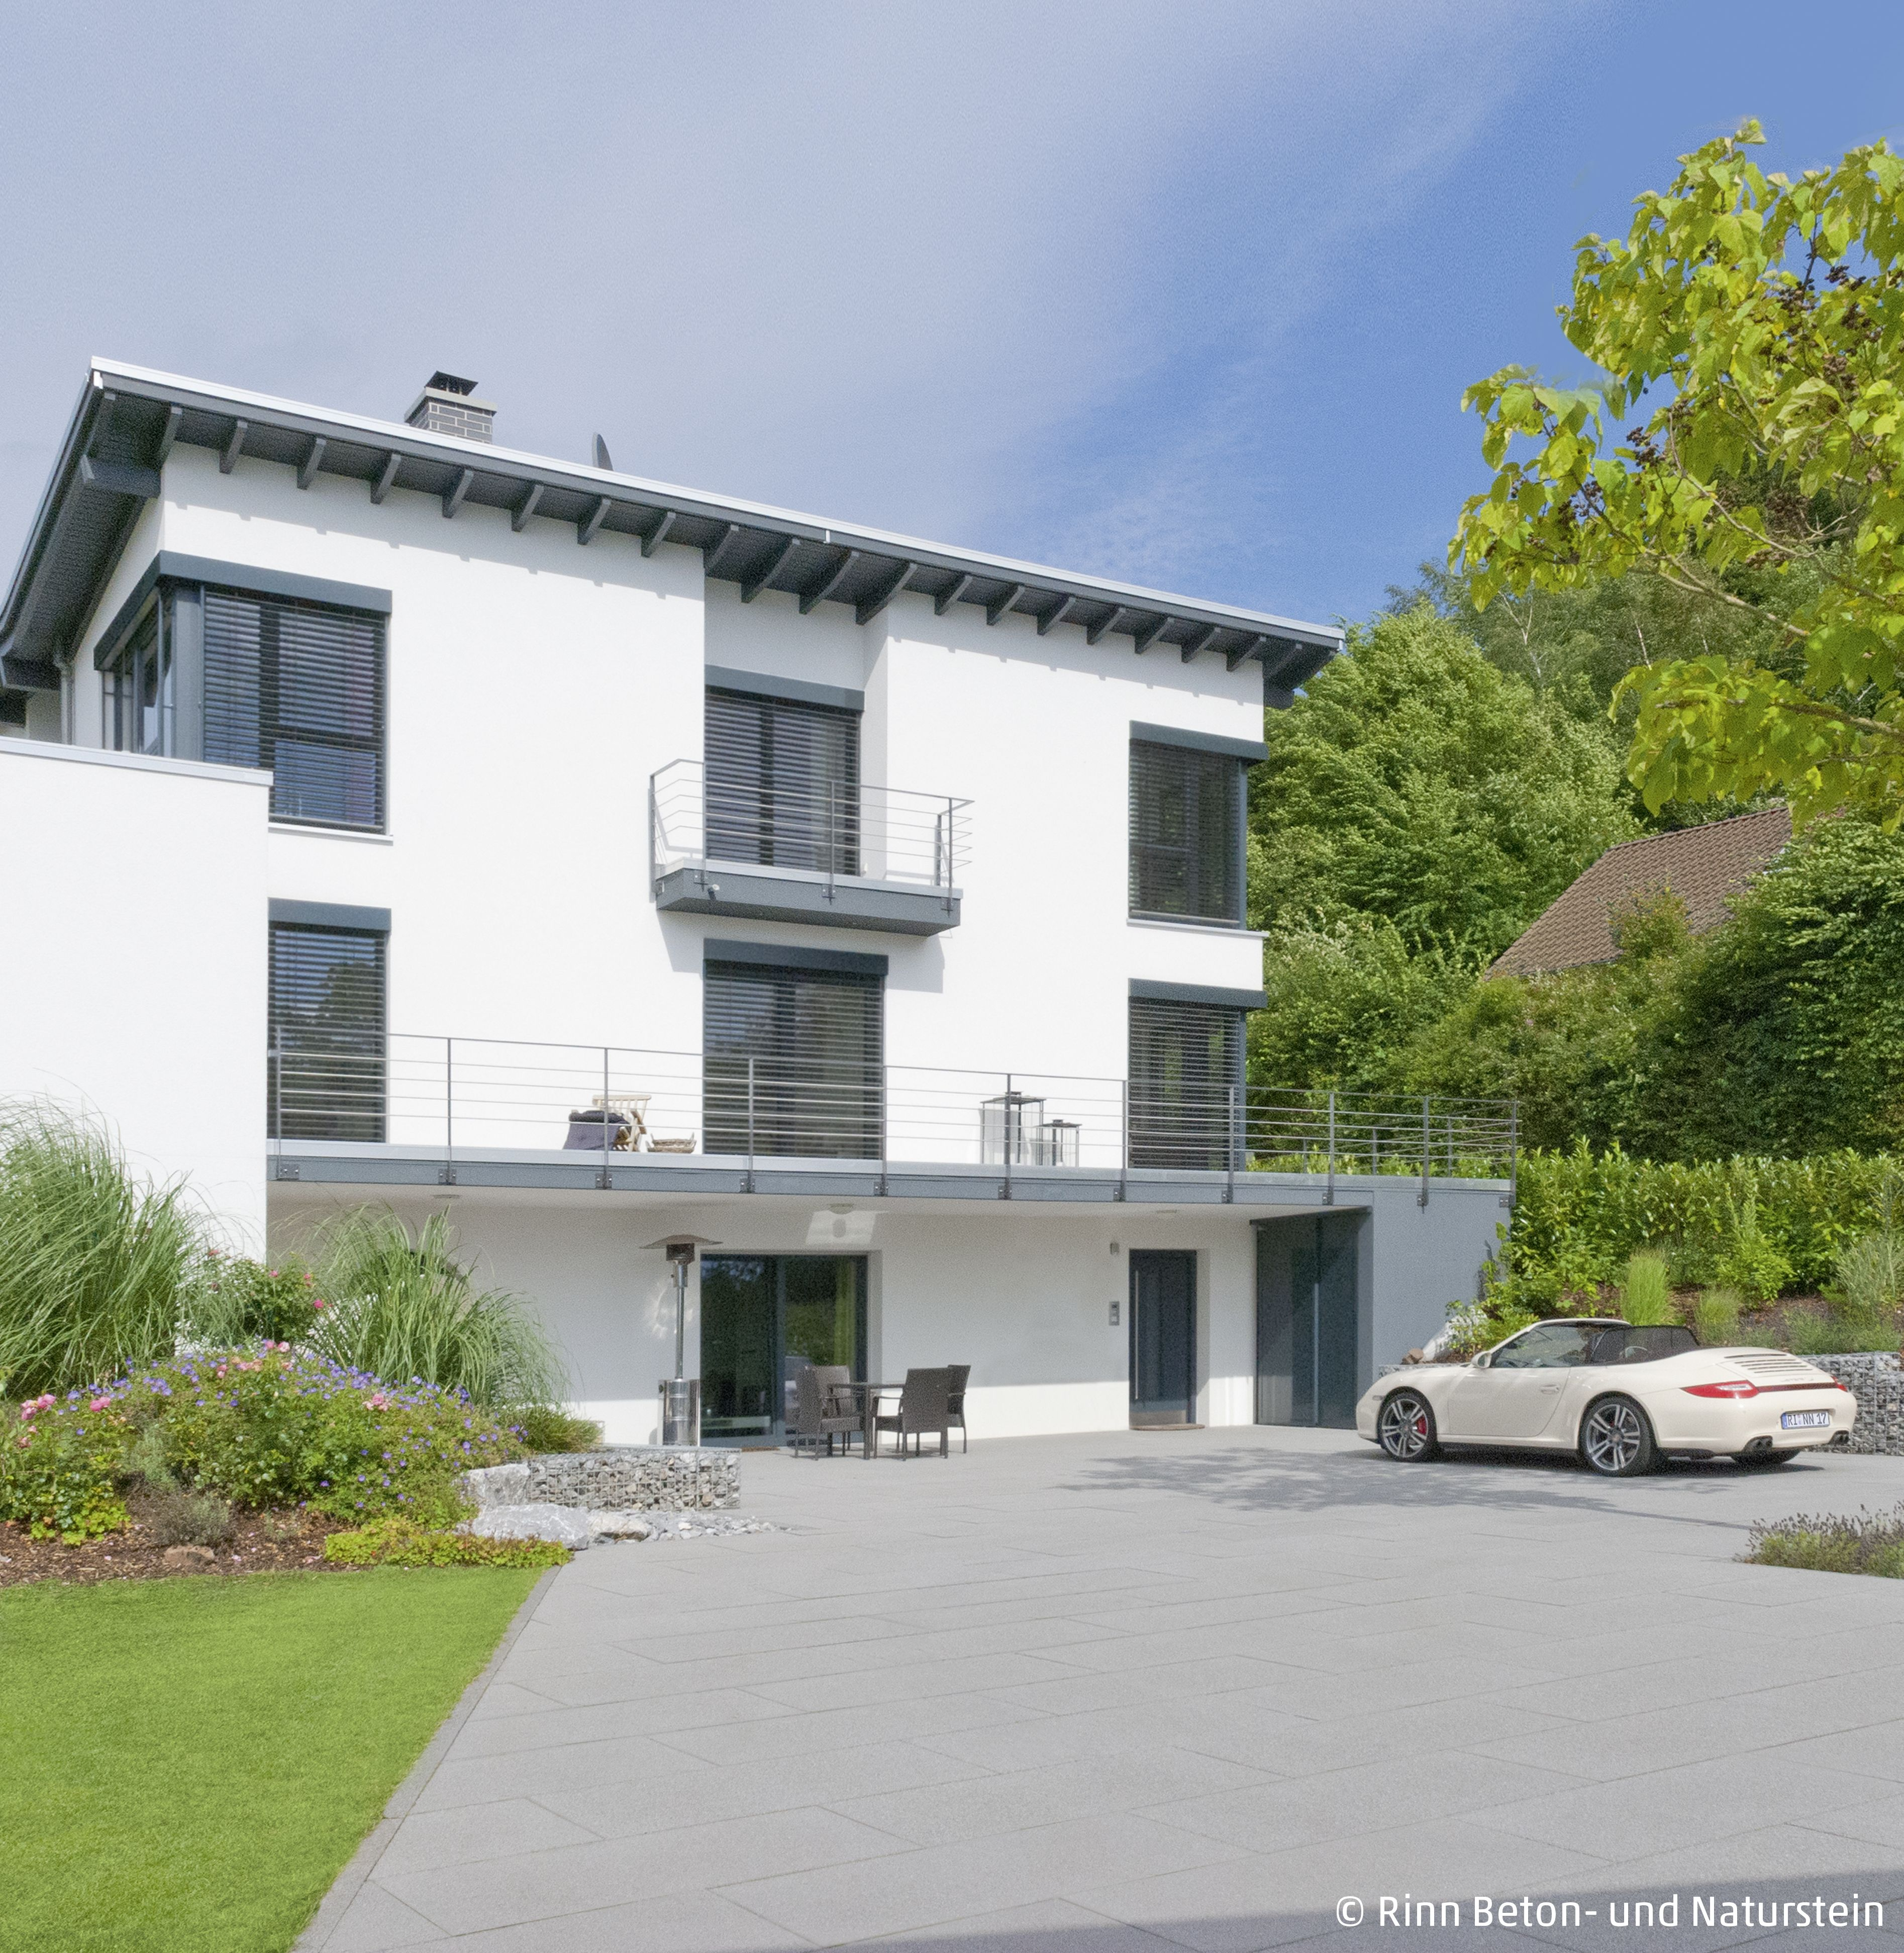 Moderner Zuruckgelegener Hofbereich Mit Autostellplatz Und PLatz Fur Baume Der Balkon Am Haus Bildet Ein